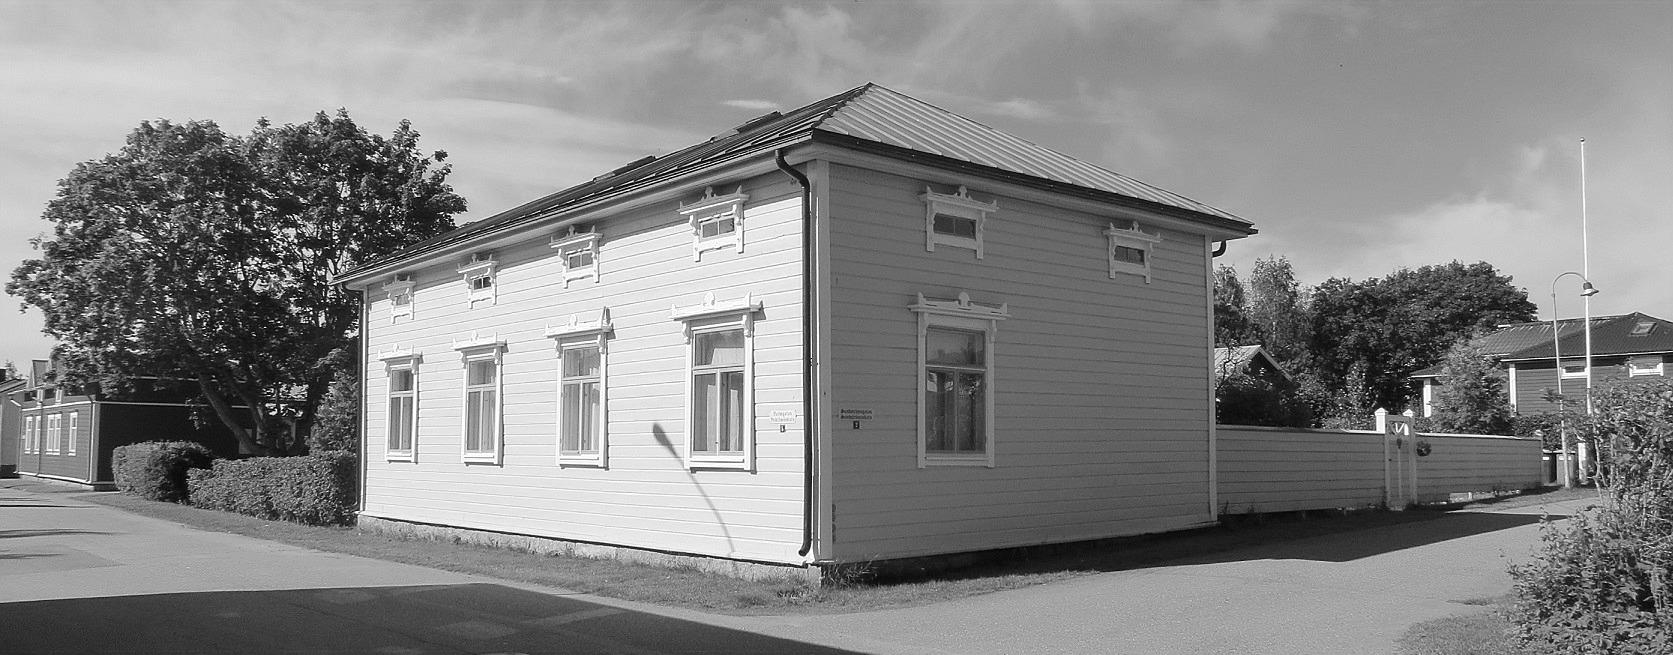 Till det här vackra huset på Varvsgatan 5 i Kristinestad flyttade Emil och Ida Båsk. Huset byggdes på 1850-talet av Johan G. Sundblad. Då Johan dog övertog änkan Sofia och hennes nya man, kapten Wilhelm Hagen huset år 1886. Gården som fortfarande kallas för Kapten Hagens gård ägdes sedan av Matti Latva-Kokko men i juli 1923 fick Emil Båsk lagfart på gården.